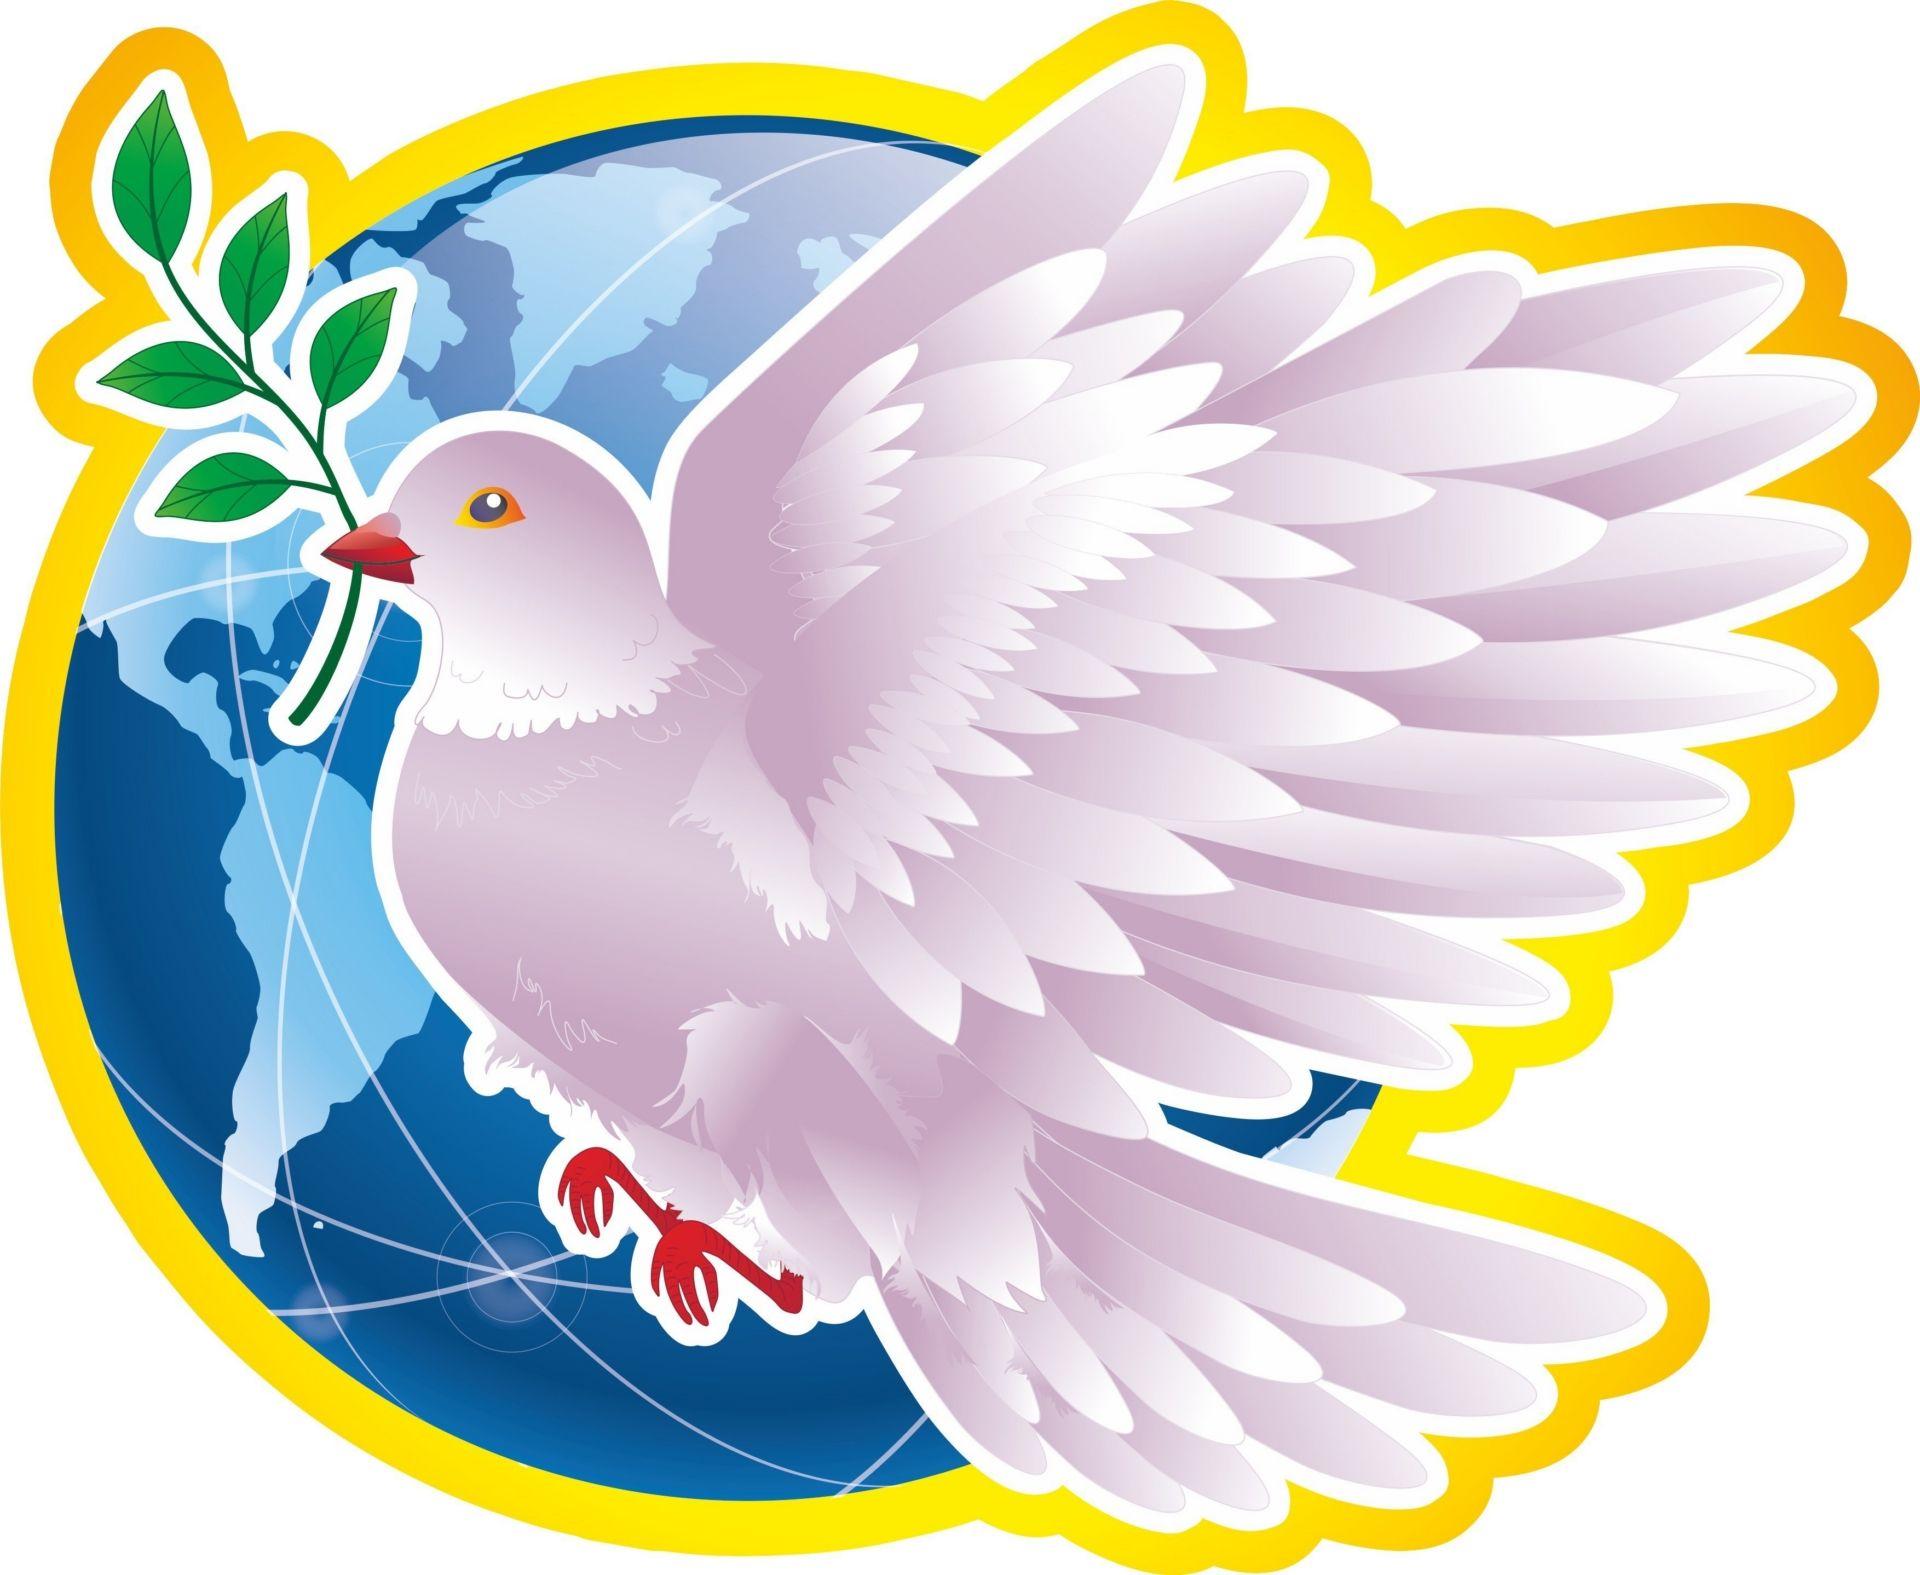 Плакат вырубной Голубь мира: 242х289Товары для оформления и проведения праздника<br>.<br><br>Год: 2017<br>Серия: Вырубные фигуры для оформления<br>Высота: 289<br>Ширина: 242<br>Переплёт: набор